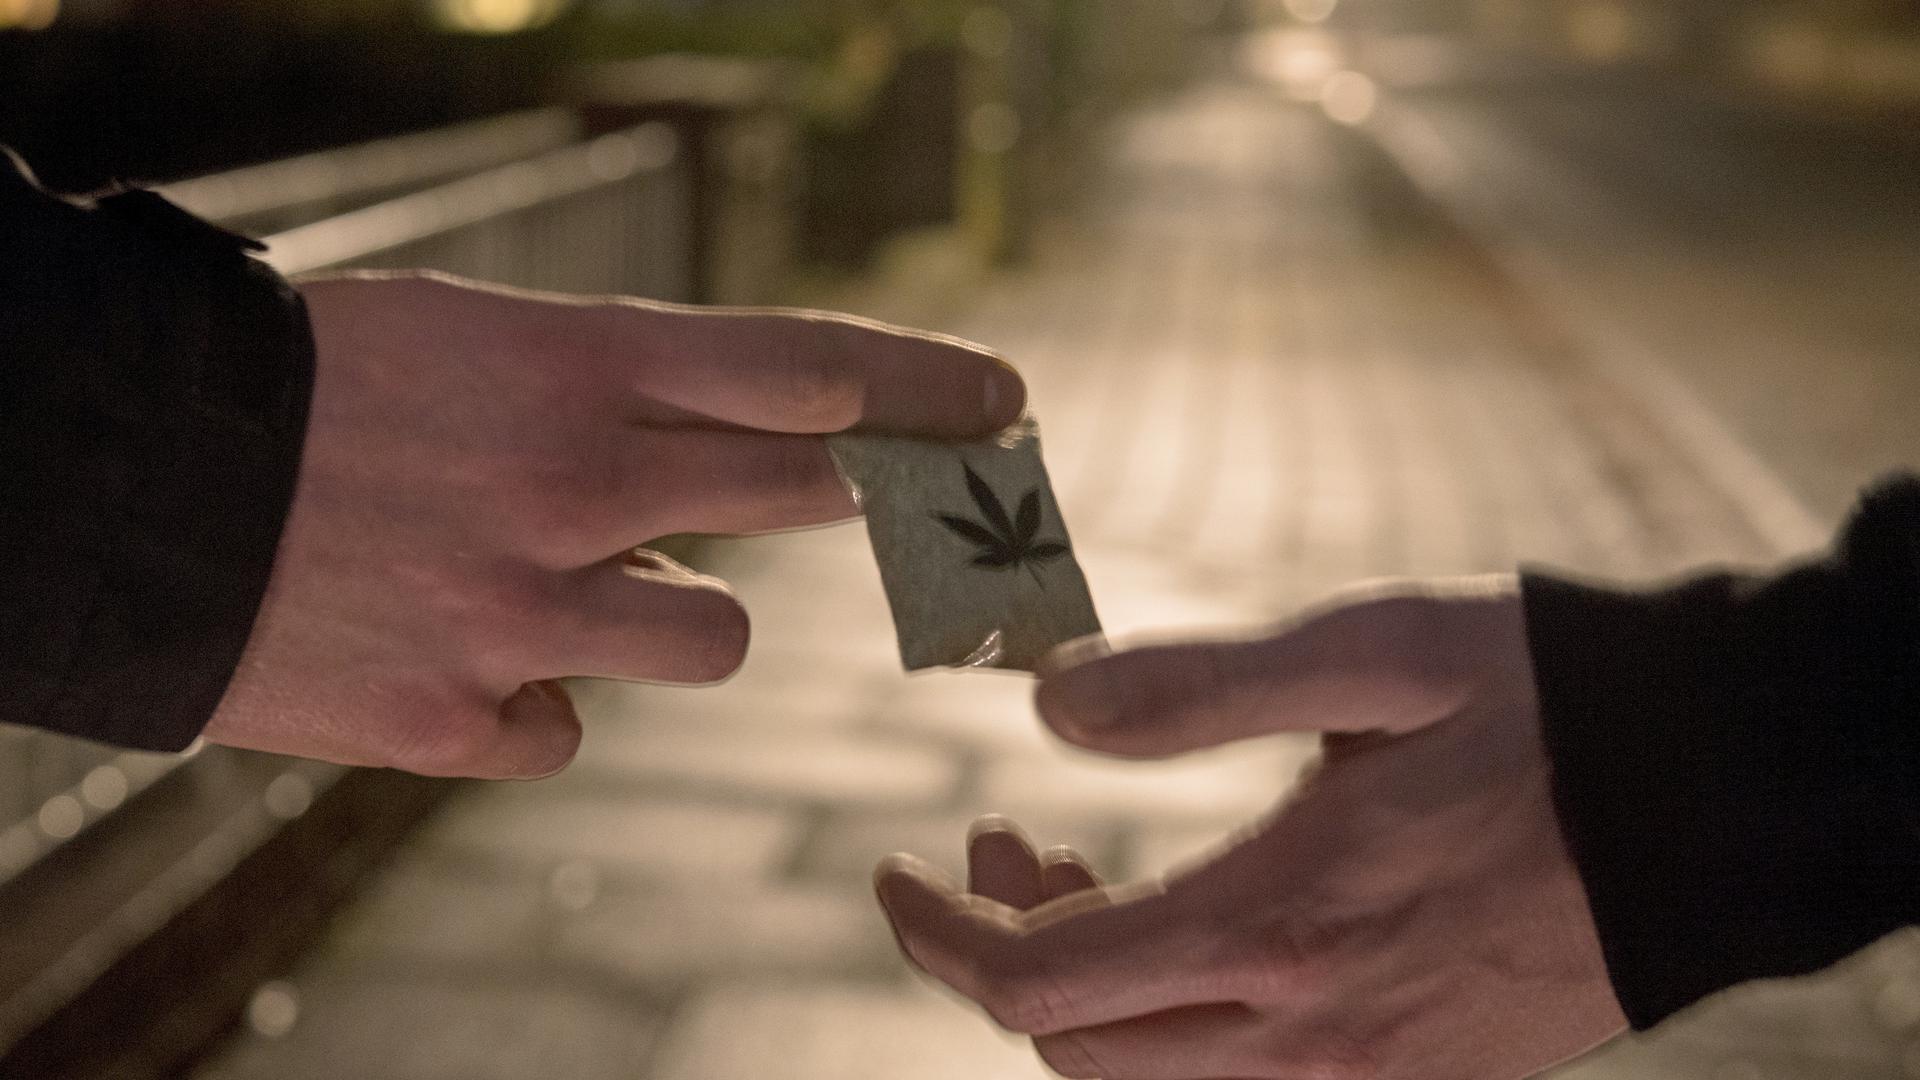 ILLUSTRATION - Die gestellte Szene vom 13.12.2016 zeigt zwei Männer bei der Übergabe eines Tütchen Marihuanas auf einer Straße in Bremen. Die Bremer Polizei stellt am 14.12. eine neue _Regionale Eingreif- und Ermittlungsgruppe Straßendeal_ (REEG) vor. Mit der REEG soll der offene, sichtbare Drogenverkauf bekämpft werden. Foto: Ingo Wagner/dpa +++(c) dpa - Bildfunk+++ | Verwendung weltweit